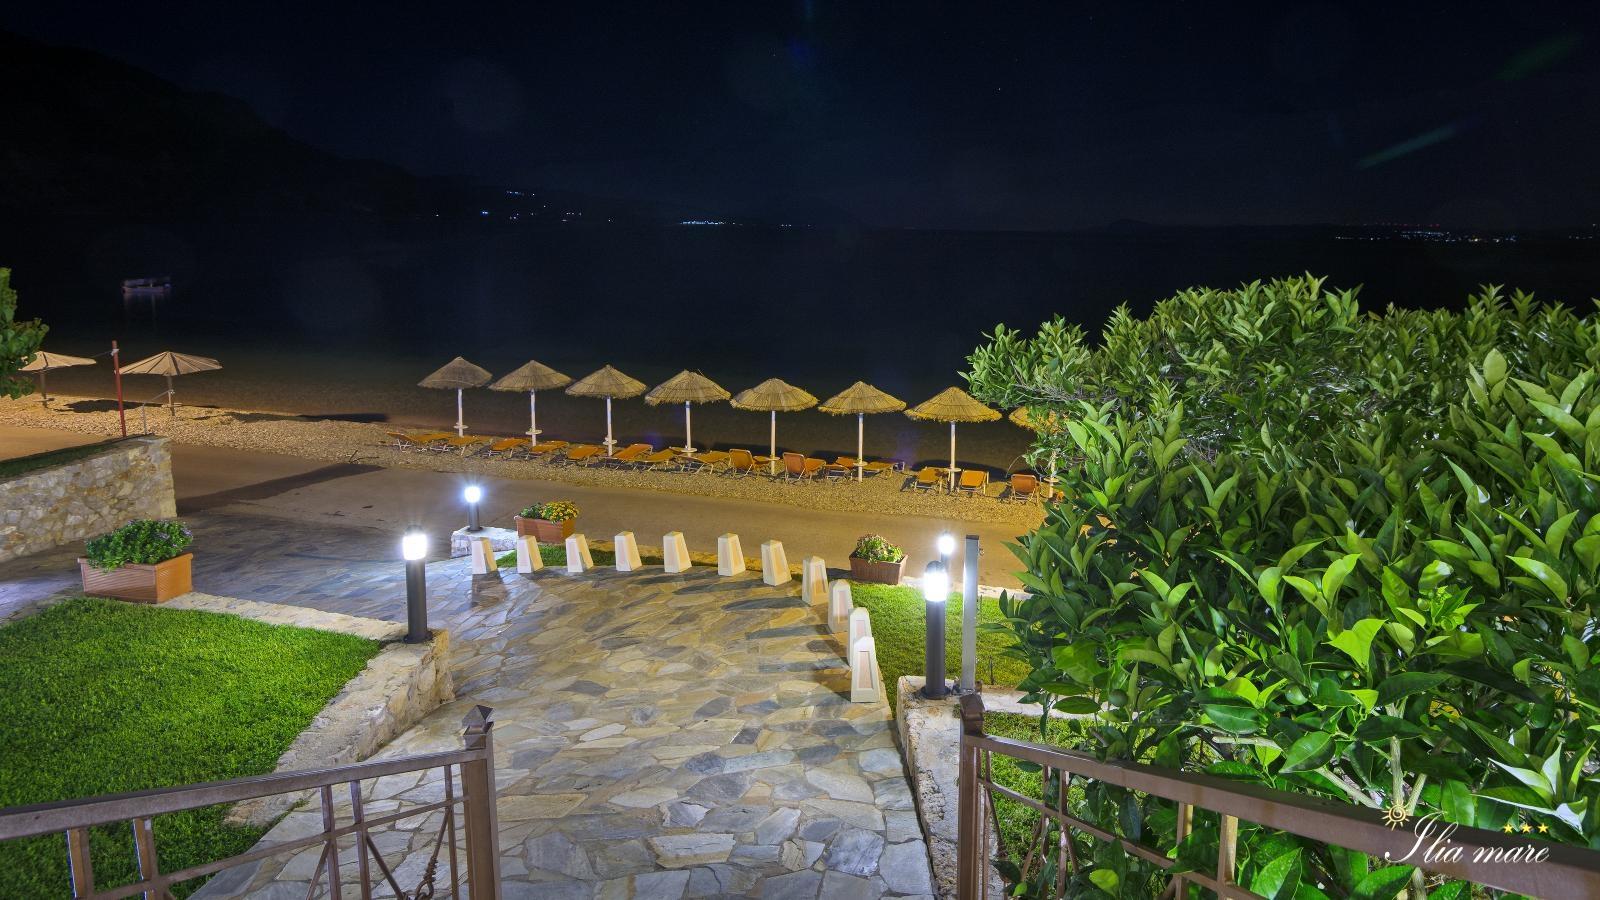 Beach Night View